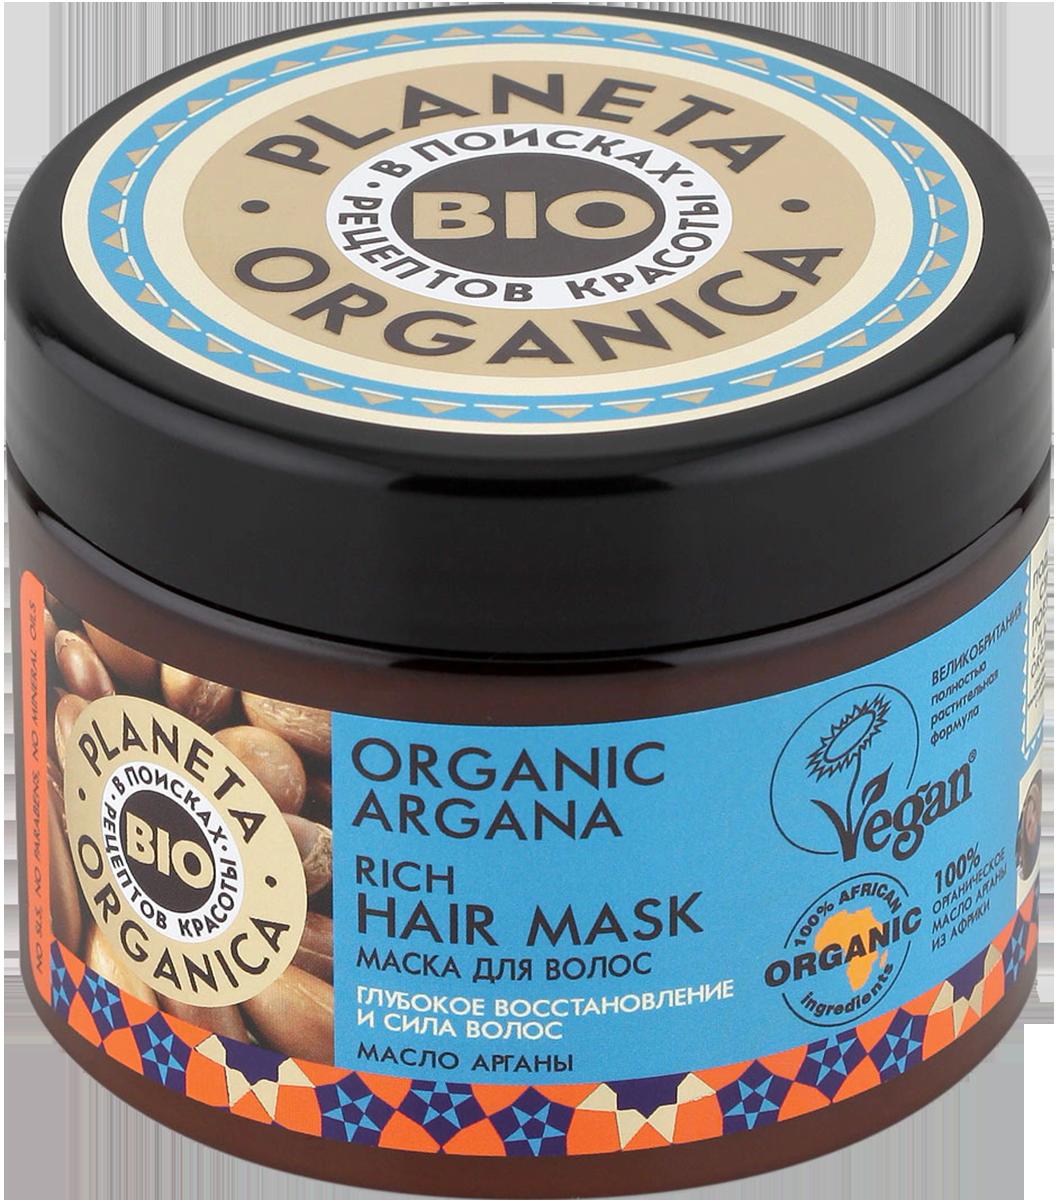 Густая питательная маска для волос, аргана, 300 мл, Planeta Organica